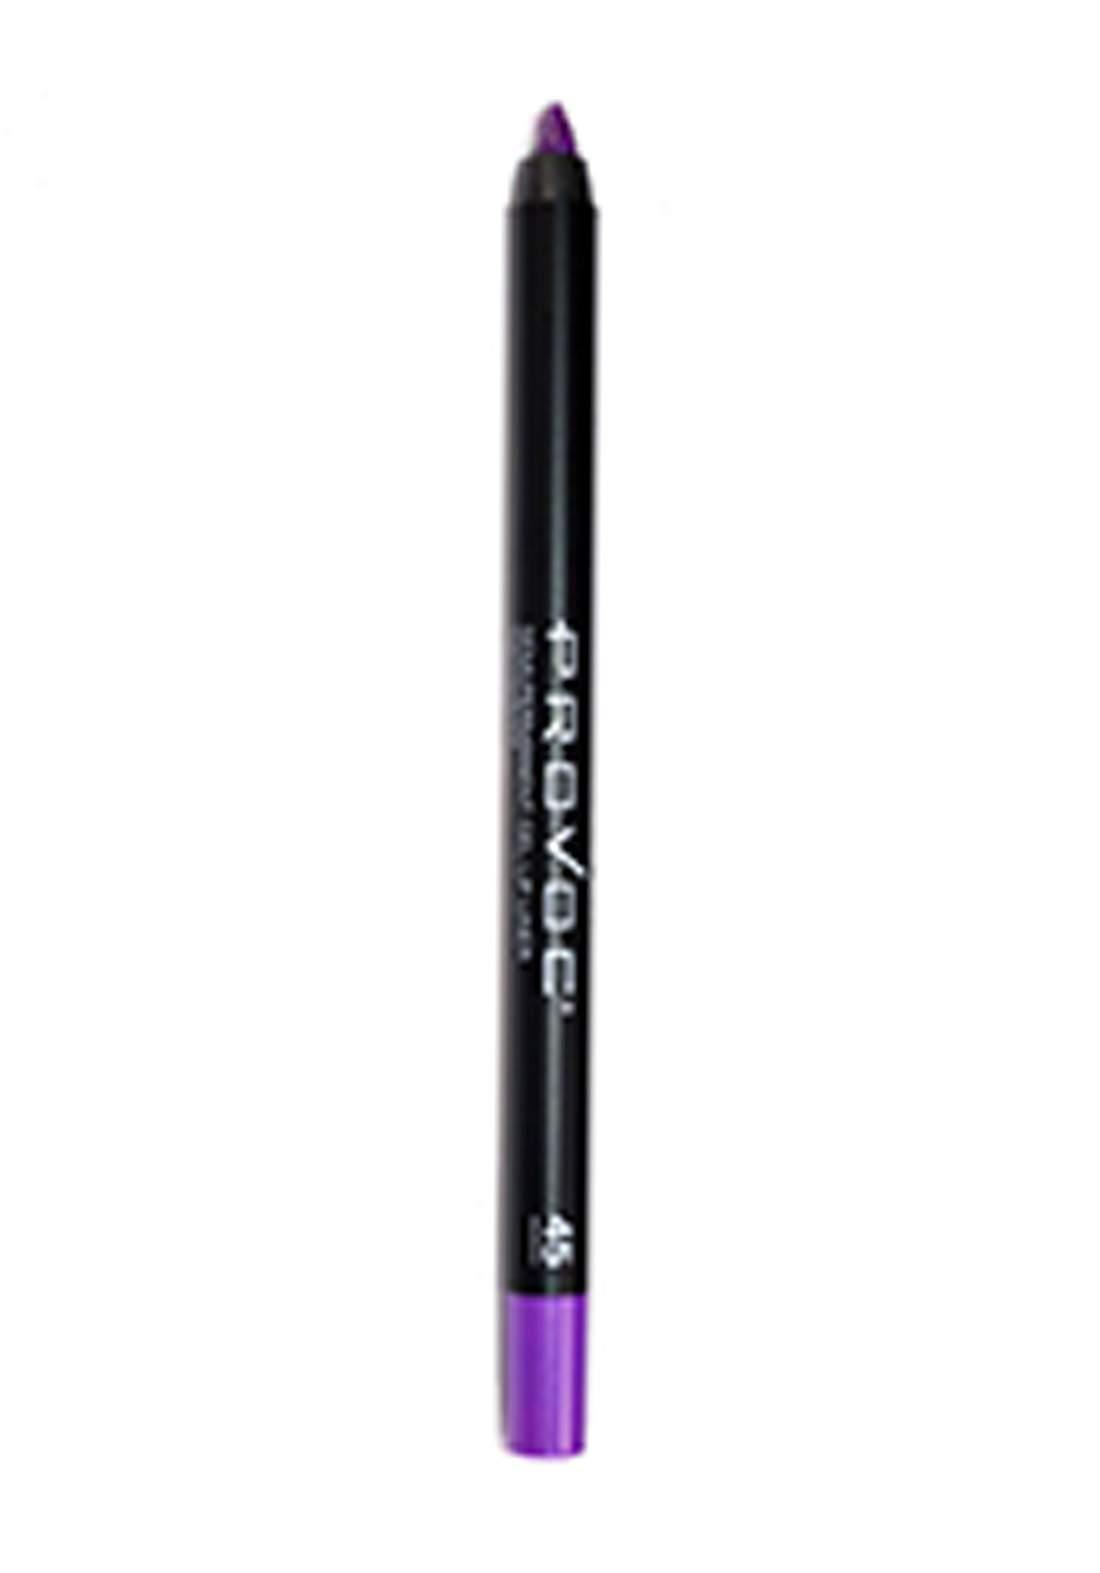 Provoc 353-0068 Semi-Permanent Gel Lip Liner Pencil No.45 محدد الشفاه